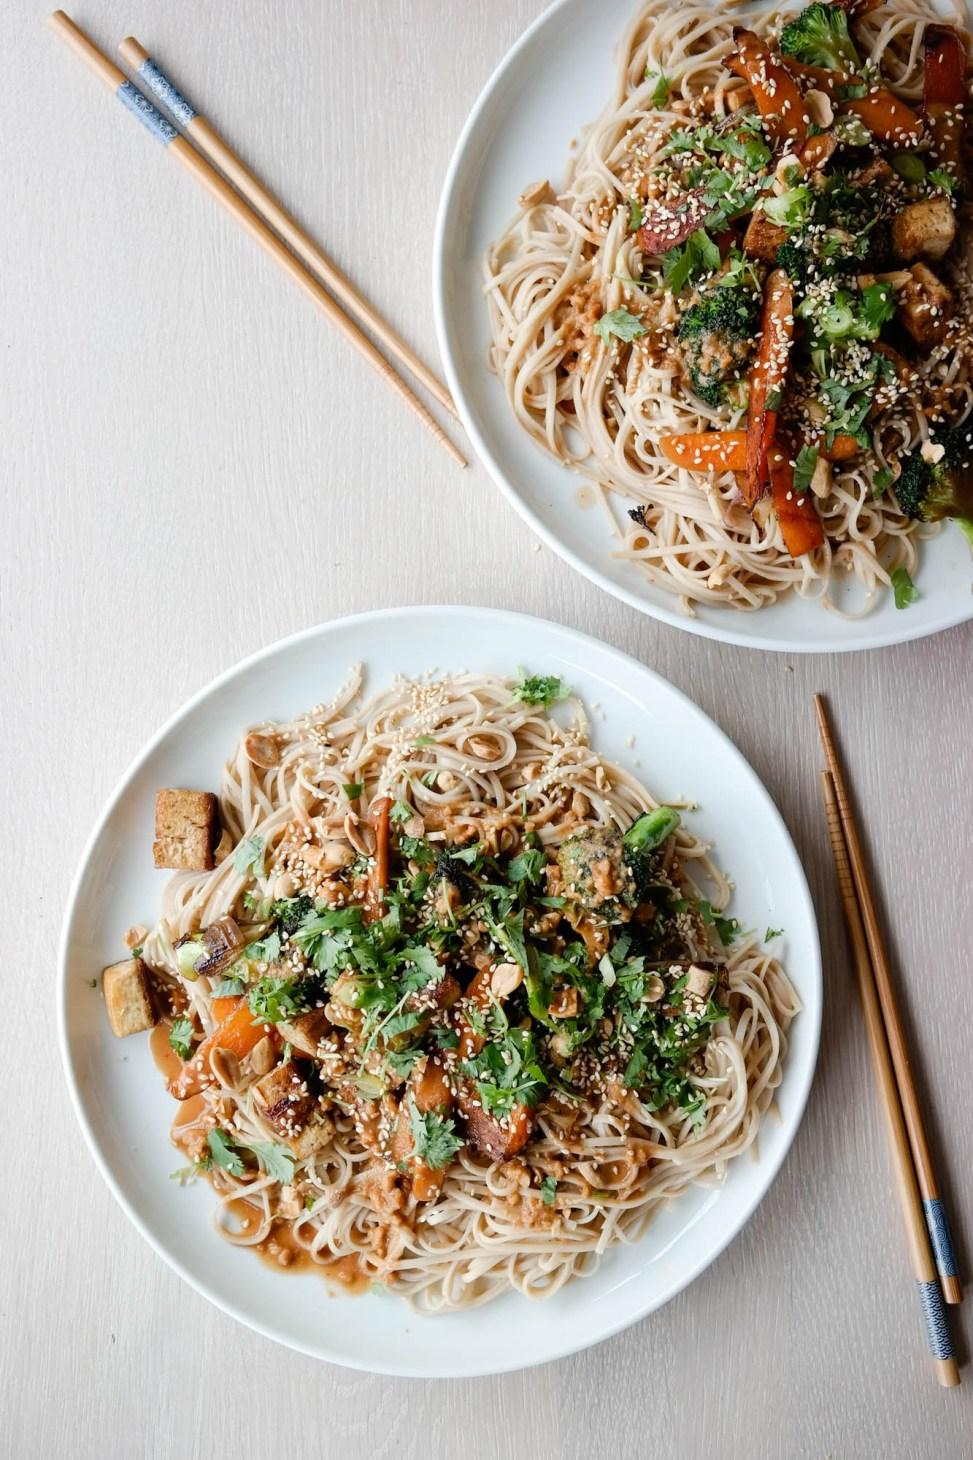 Er nudler, tofu, grønnsaker og peanøttsaus verdens beste kombinasjon? Ja, ja det er det faktisk!